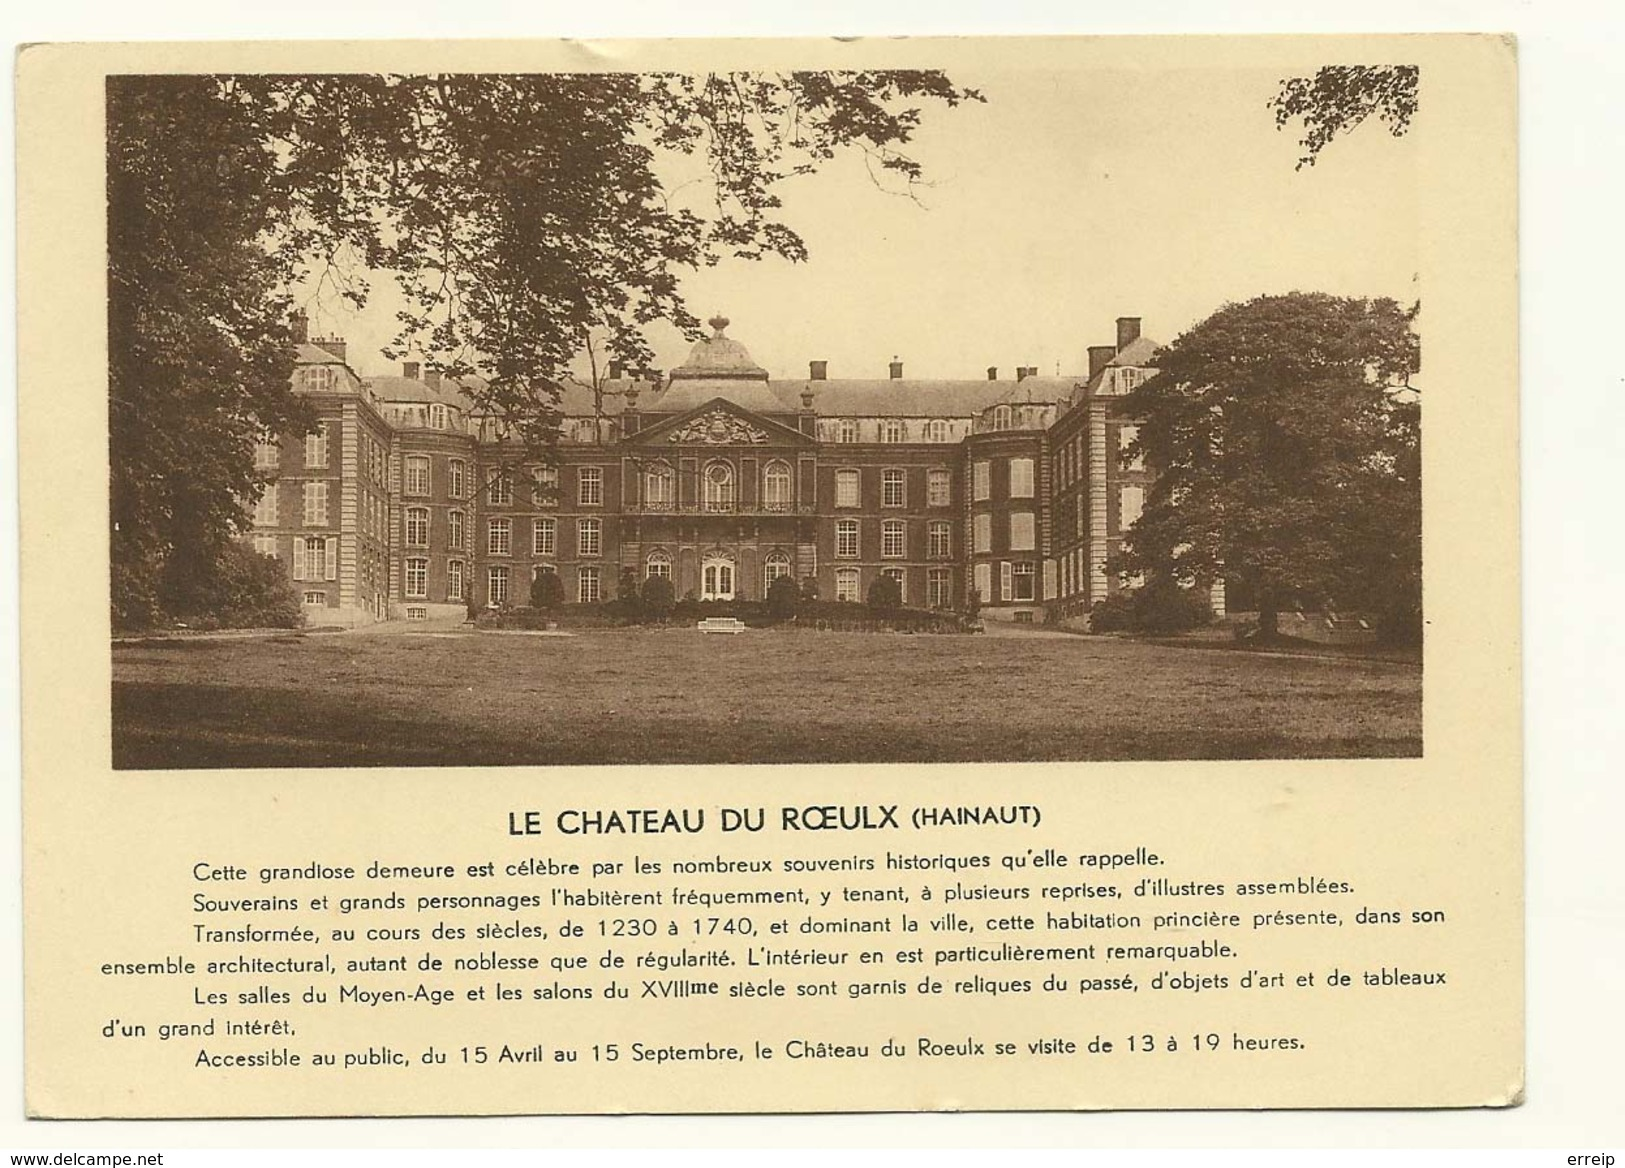 Le Chateau Du Roeulx - Le Roeulx